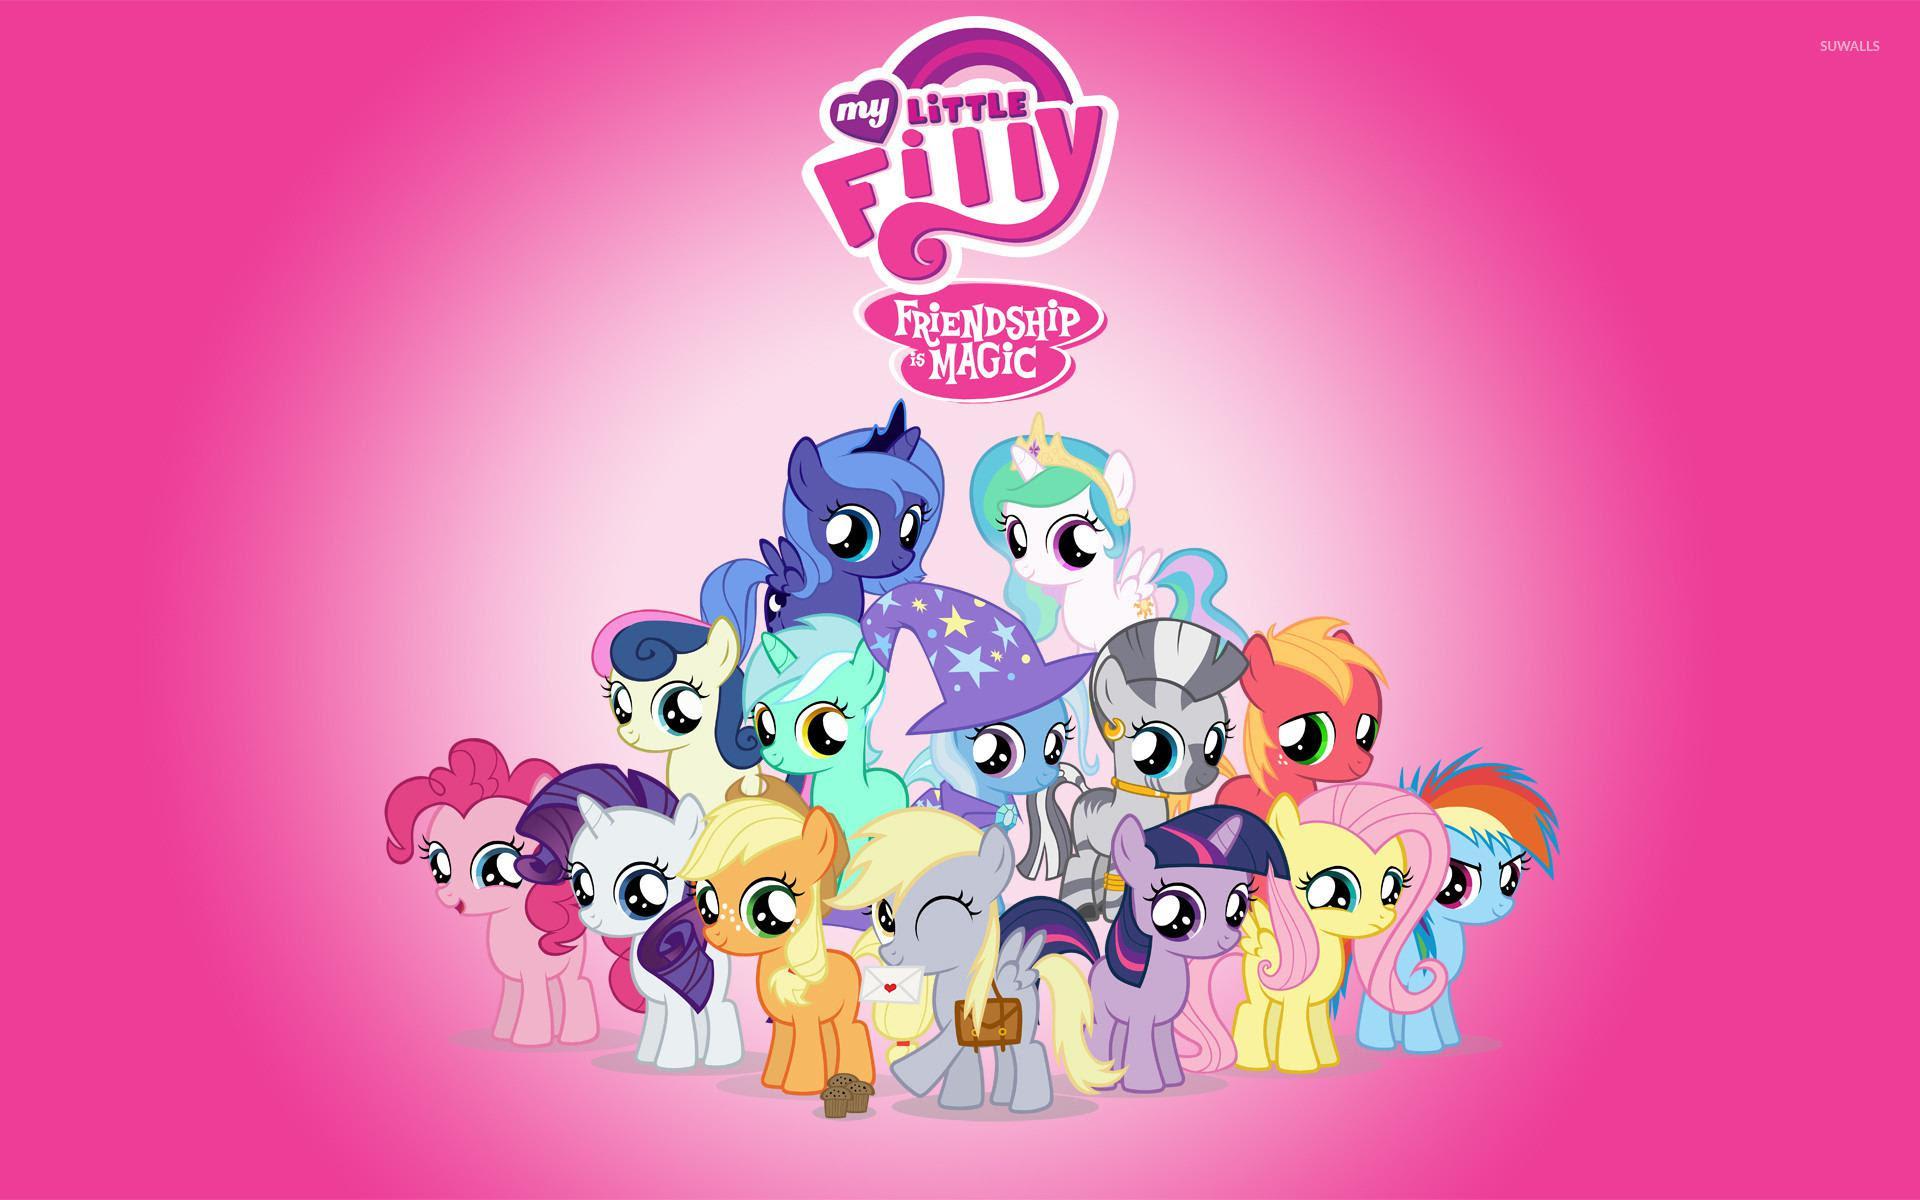 Little My Download My Little Pony Wallpaper App Gallery My Rh Me Me